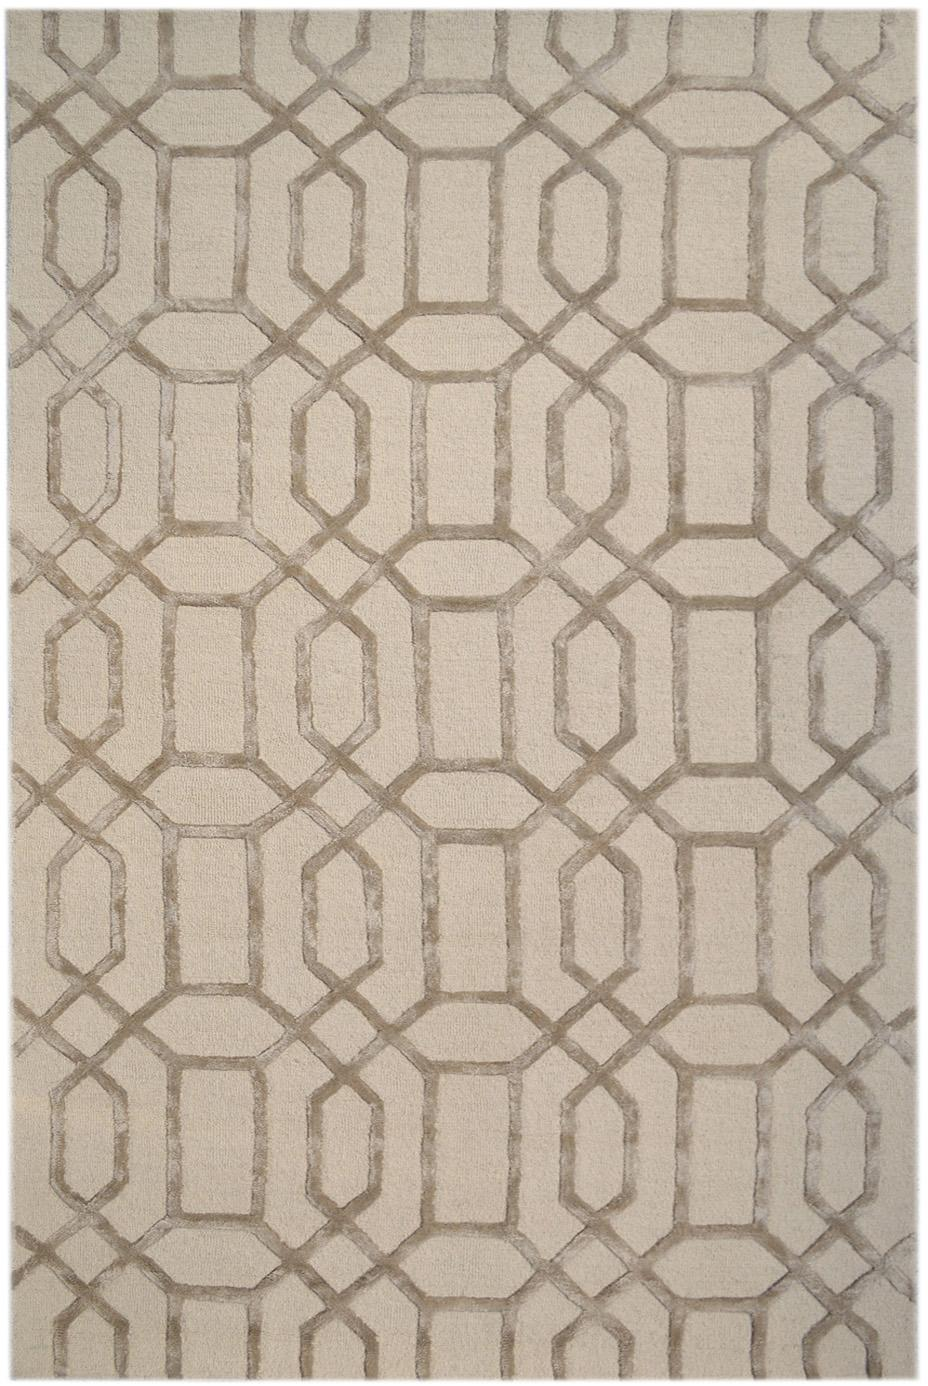 Handgetufteter Wollteppich Vegas mit Hoch-Tief-Effekt, Flor: 80% Wolle, 20% Viskose, Beige, Creme, B 120 x L 185 cm (Größe S)